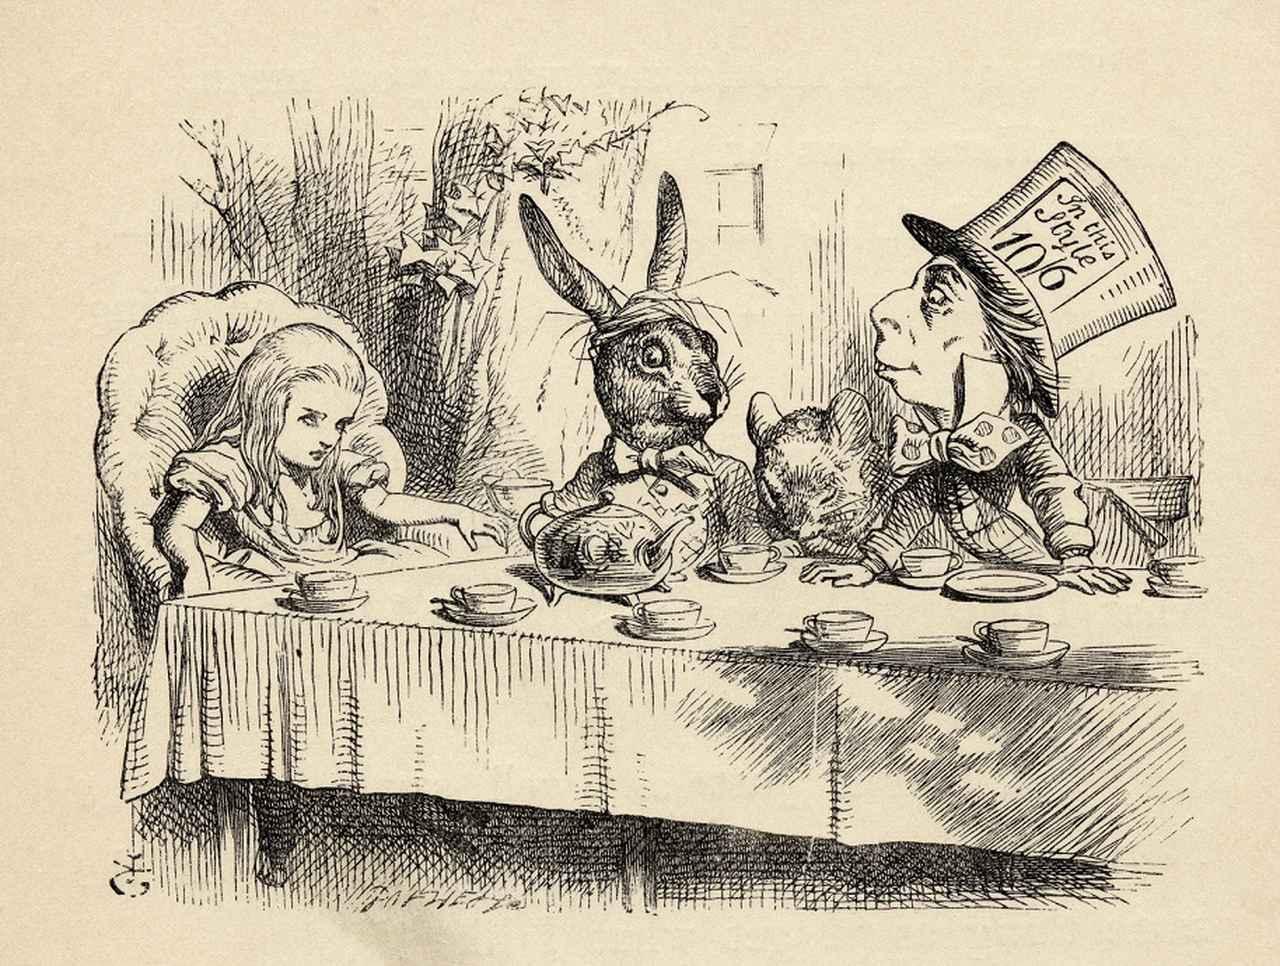 画像: 1891年に発売されたルイス・キャロル著『Alices's Adventures In Wonderland』より。挿絵はジョン・テニエルが手がけた。